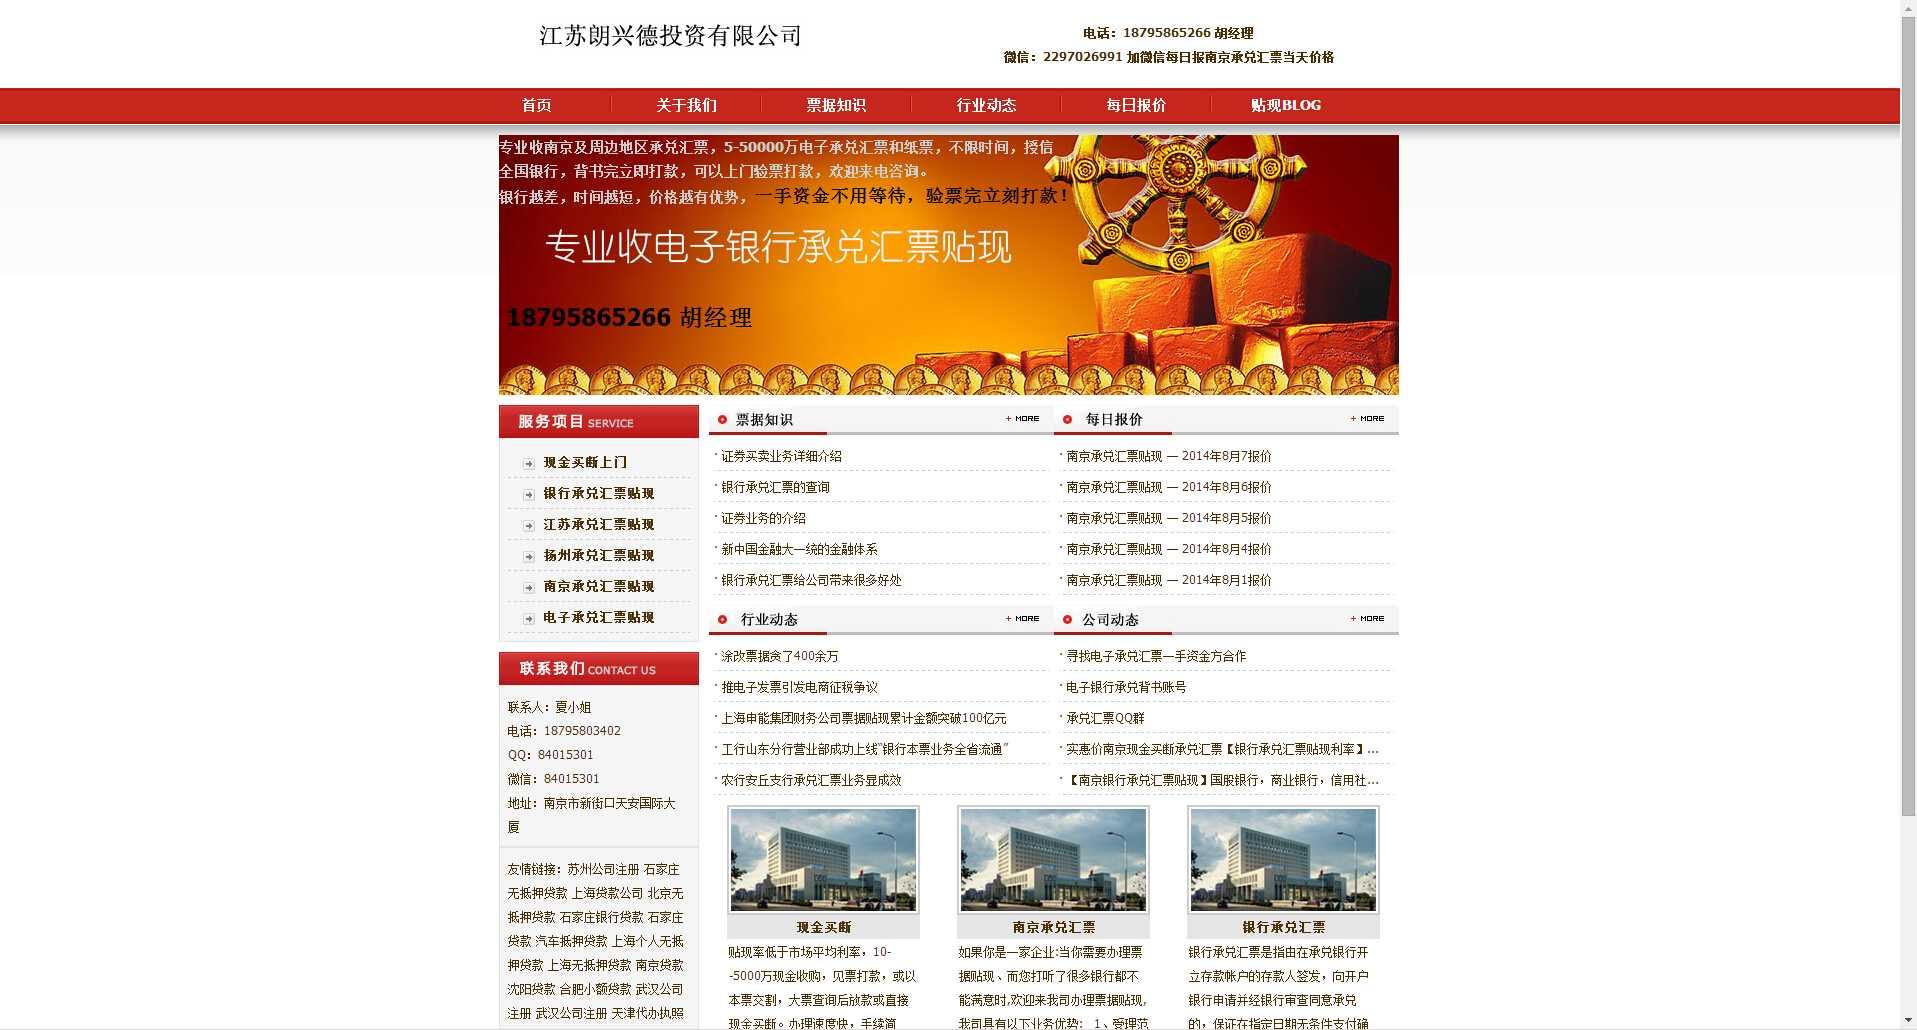 江苏朗兴德投资有限公司(www.njchengduihuipiao.com)